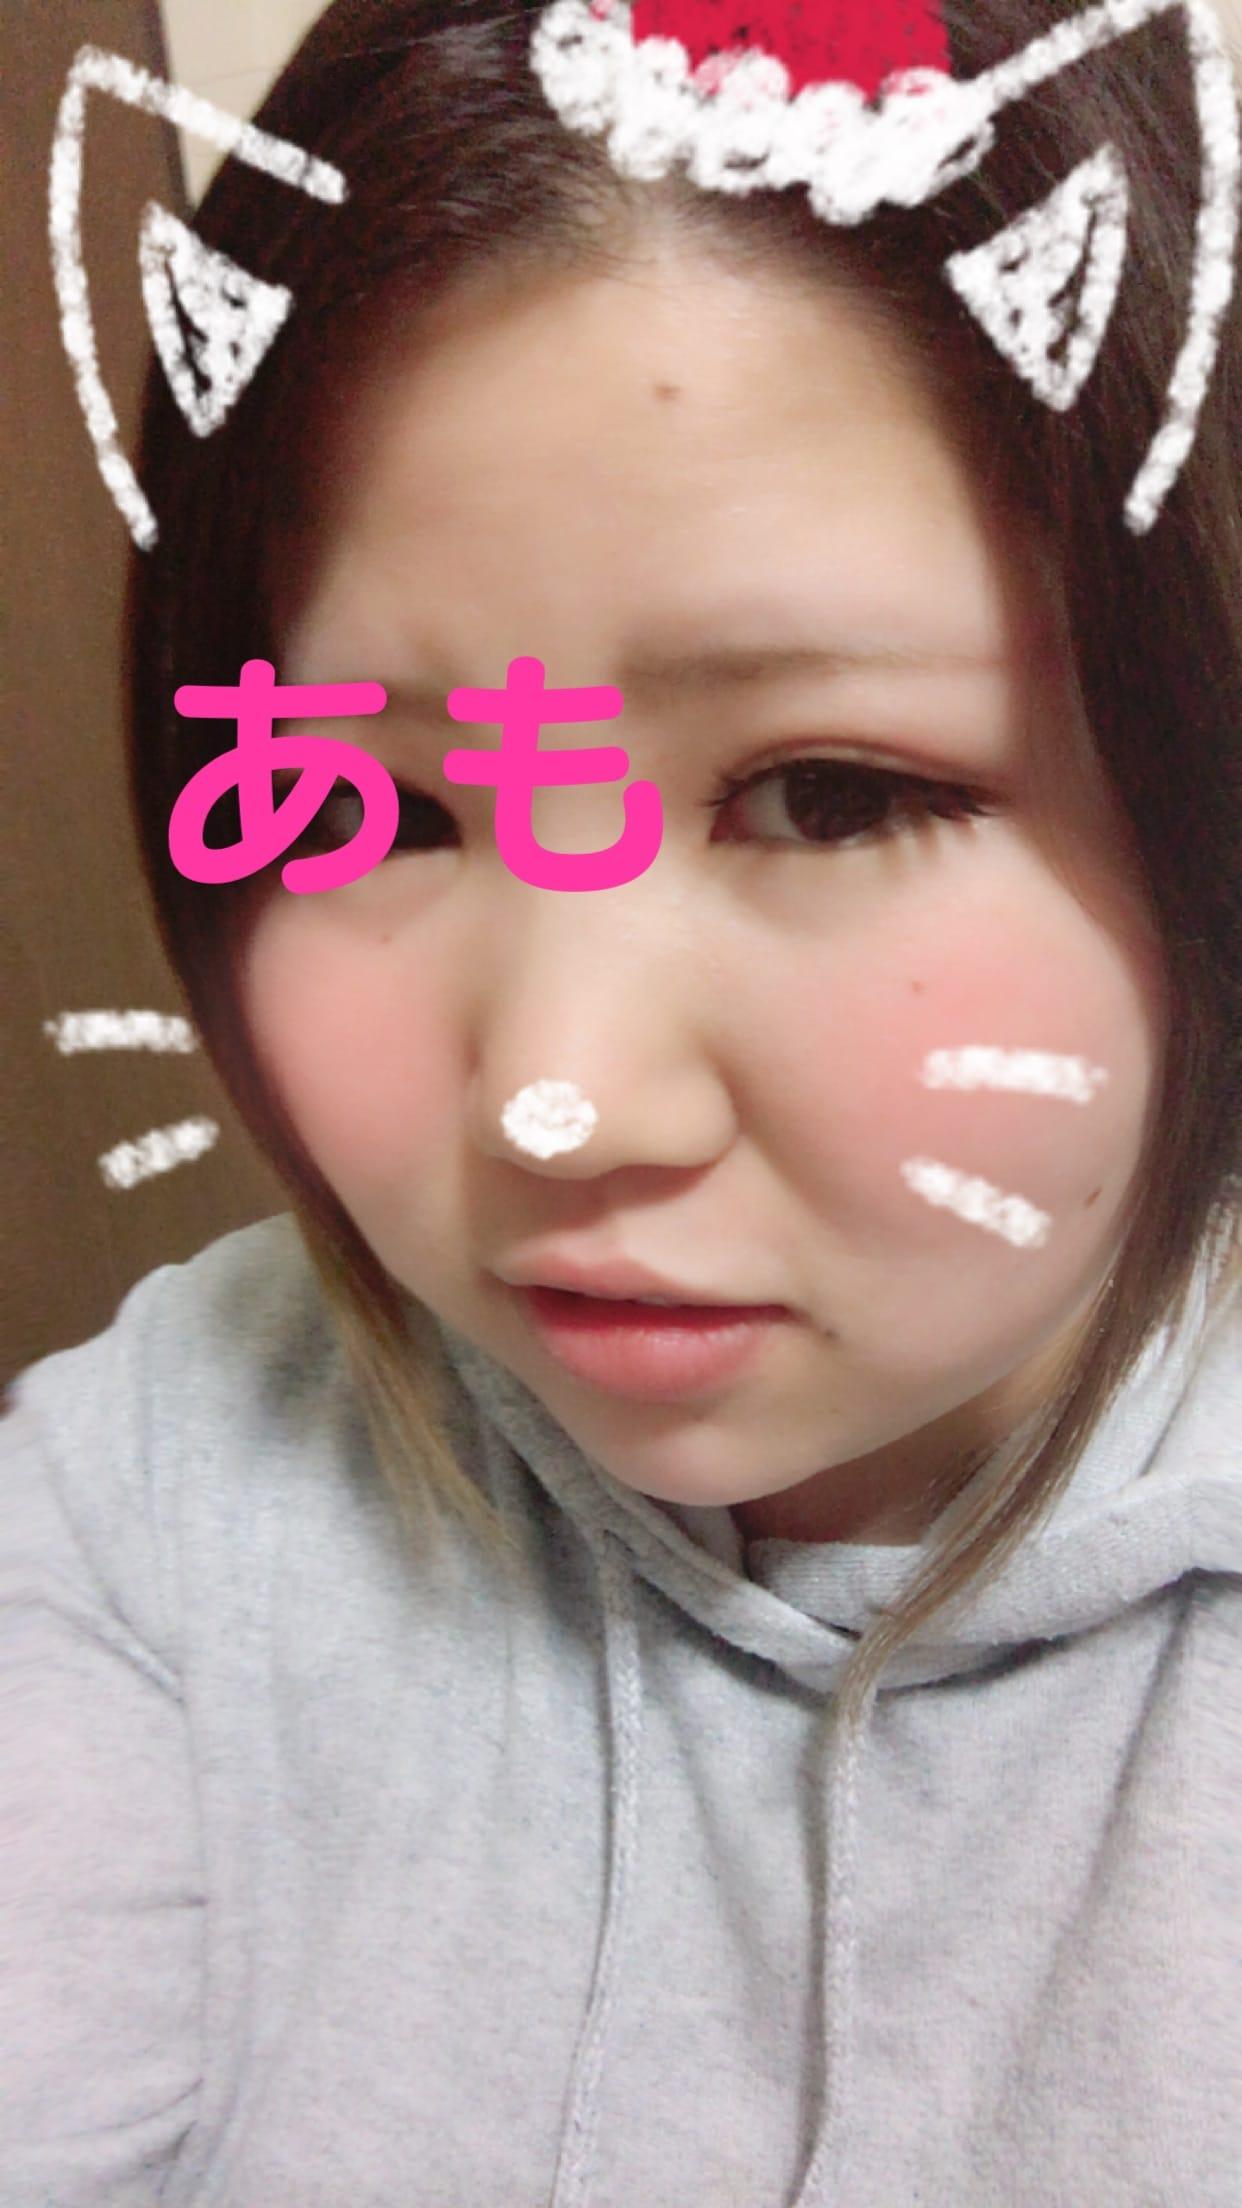 「おはようございます!」12/18(12/18) 17:44 | ☆アモ☆AMO☆の写メ・風俗動画